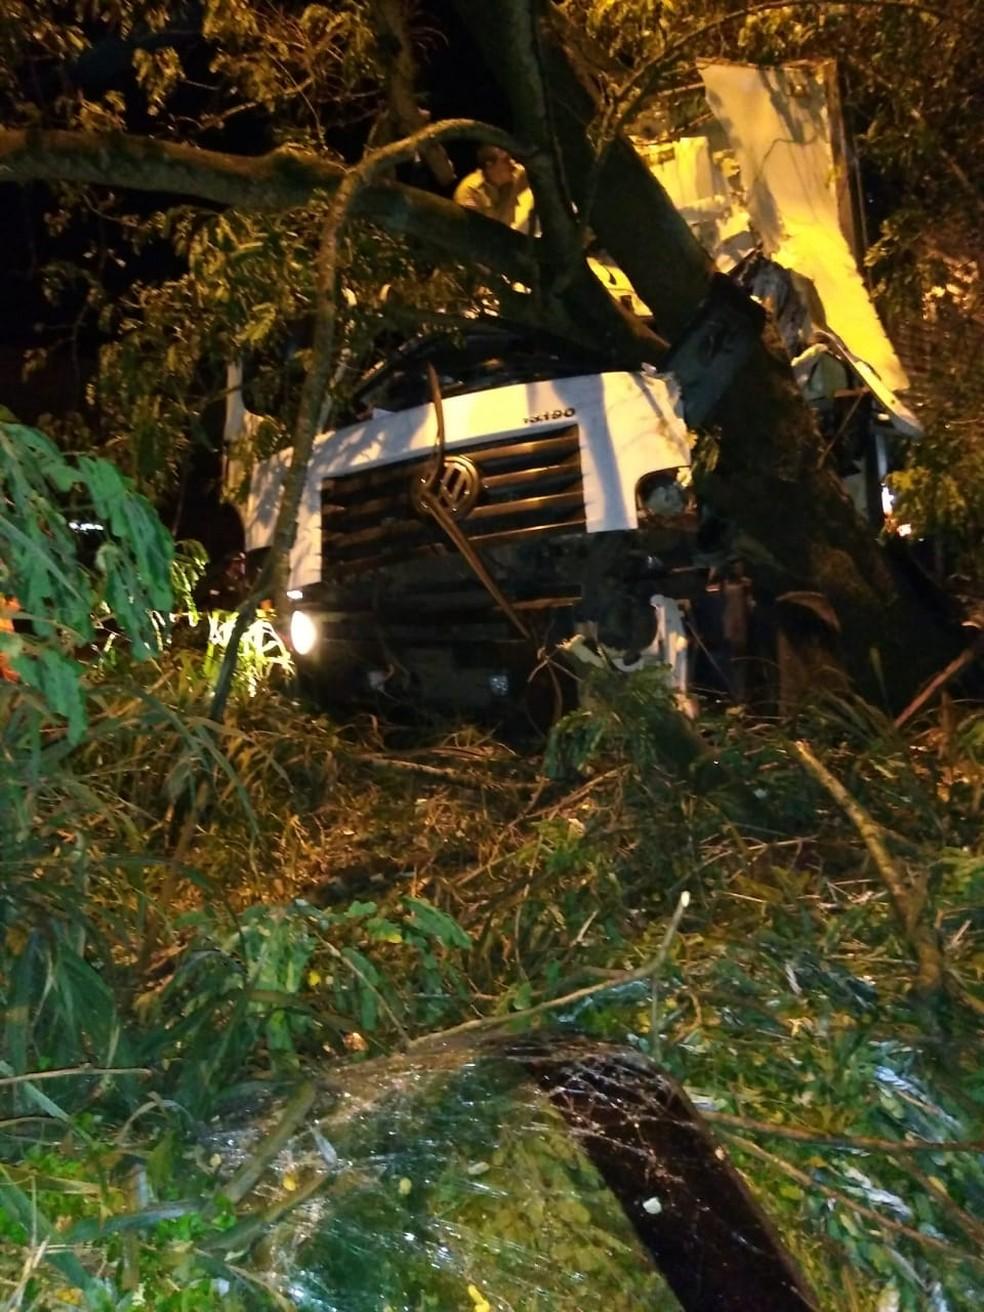 Condutor de um caminhão colidiu em uma árvore km 15 da BR-135 em Pedrinhas — Foto: Divulgação/Polícia Rodoviária Federal